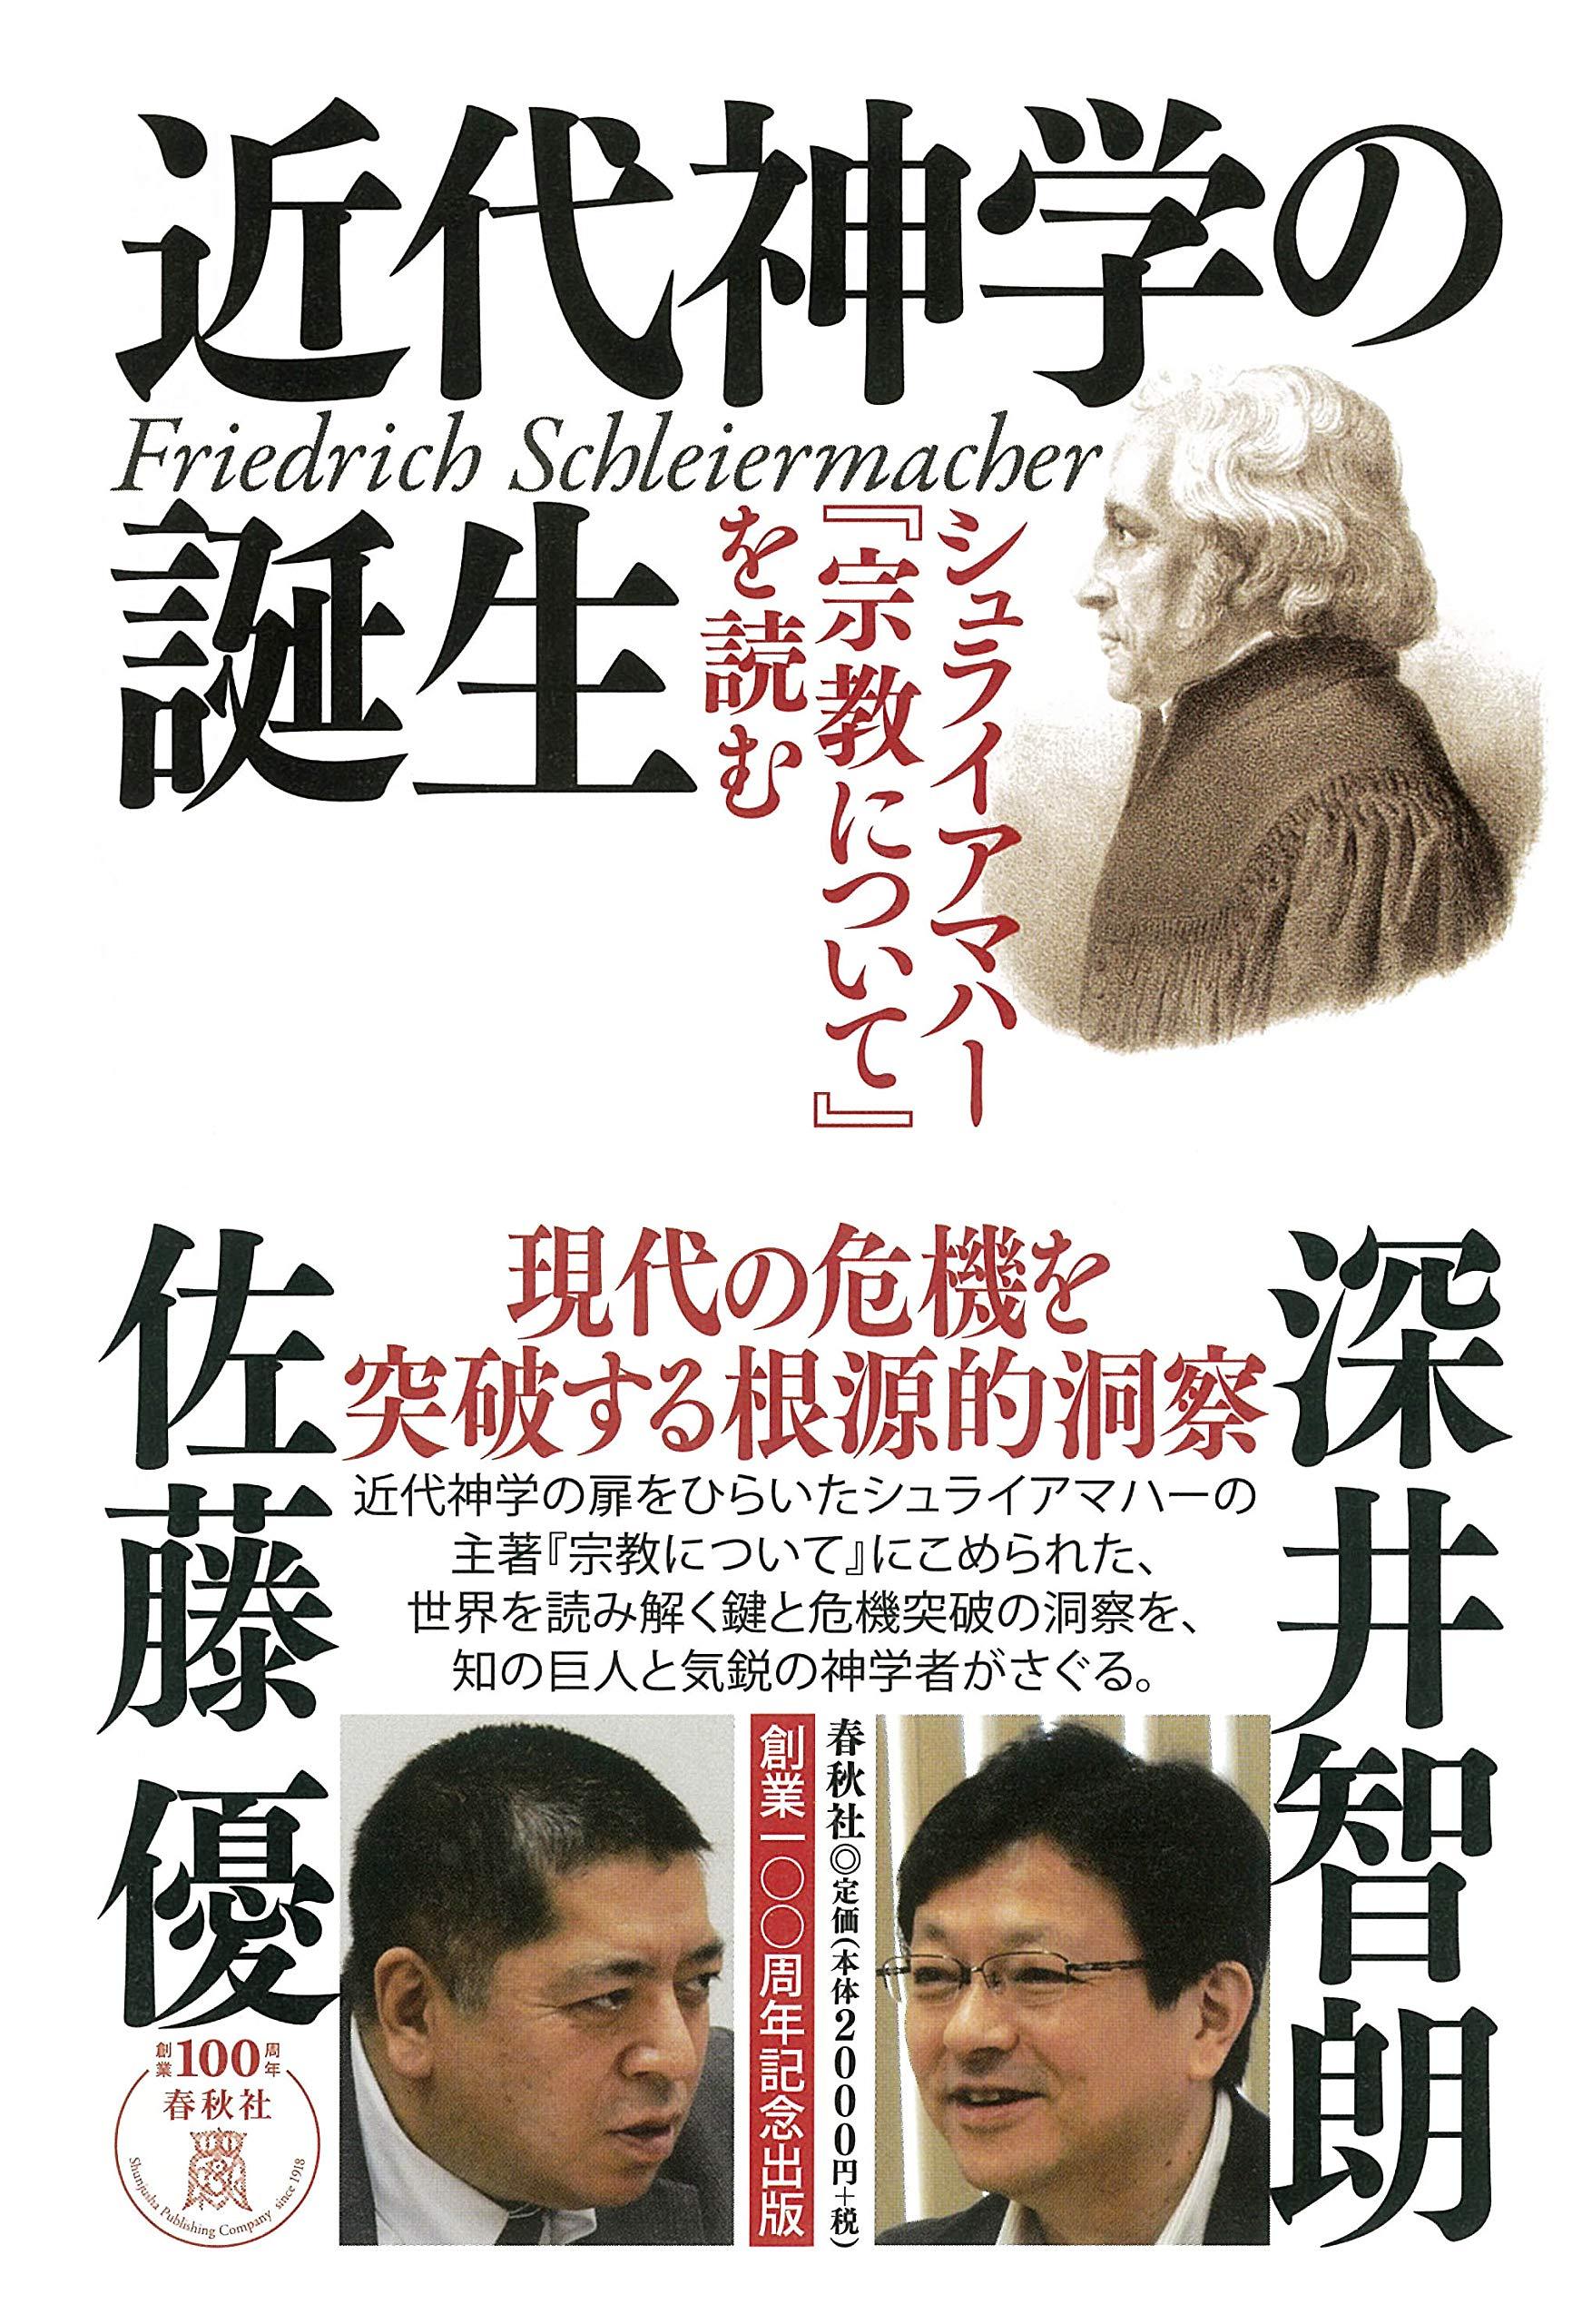 フリードリヒ・シュライアマハー